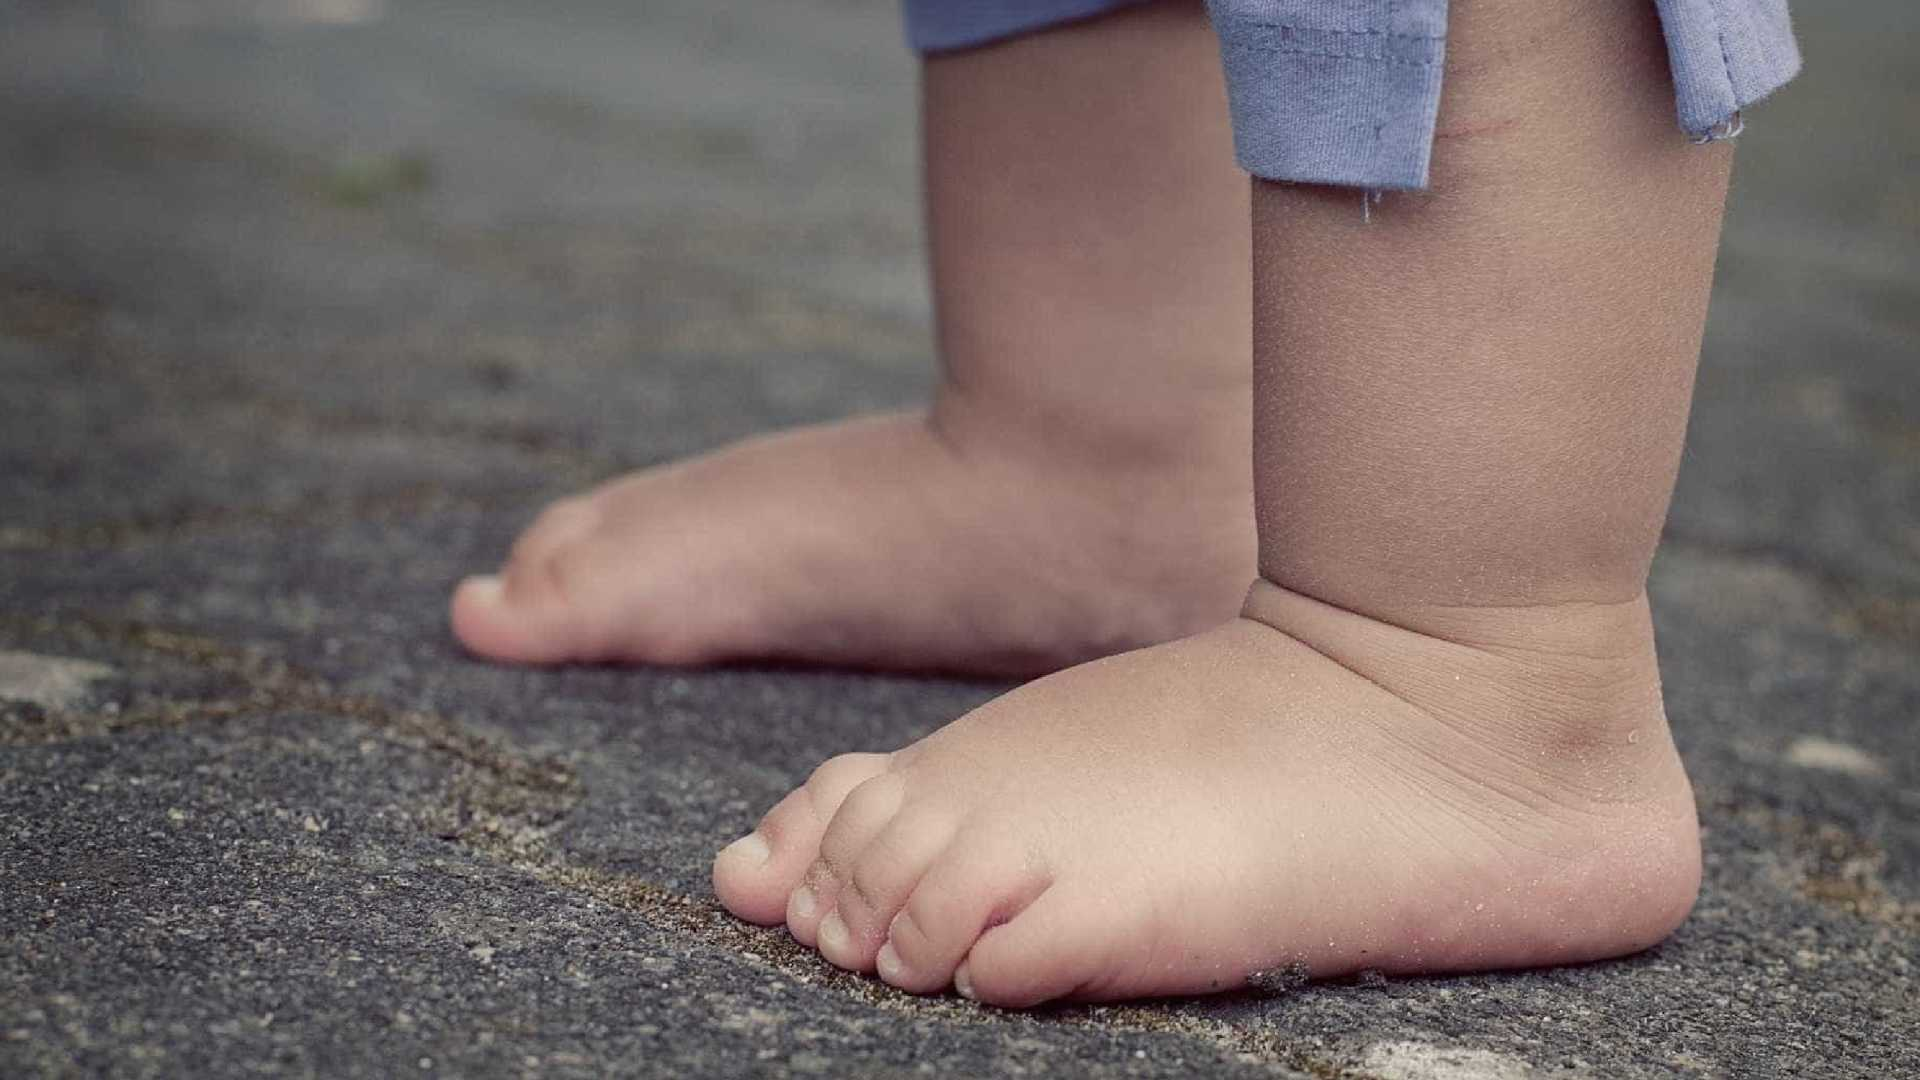 Justiça autoriza mudança de nome e gênero de criança de 3 anos